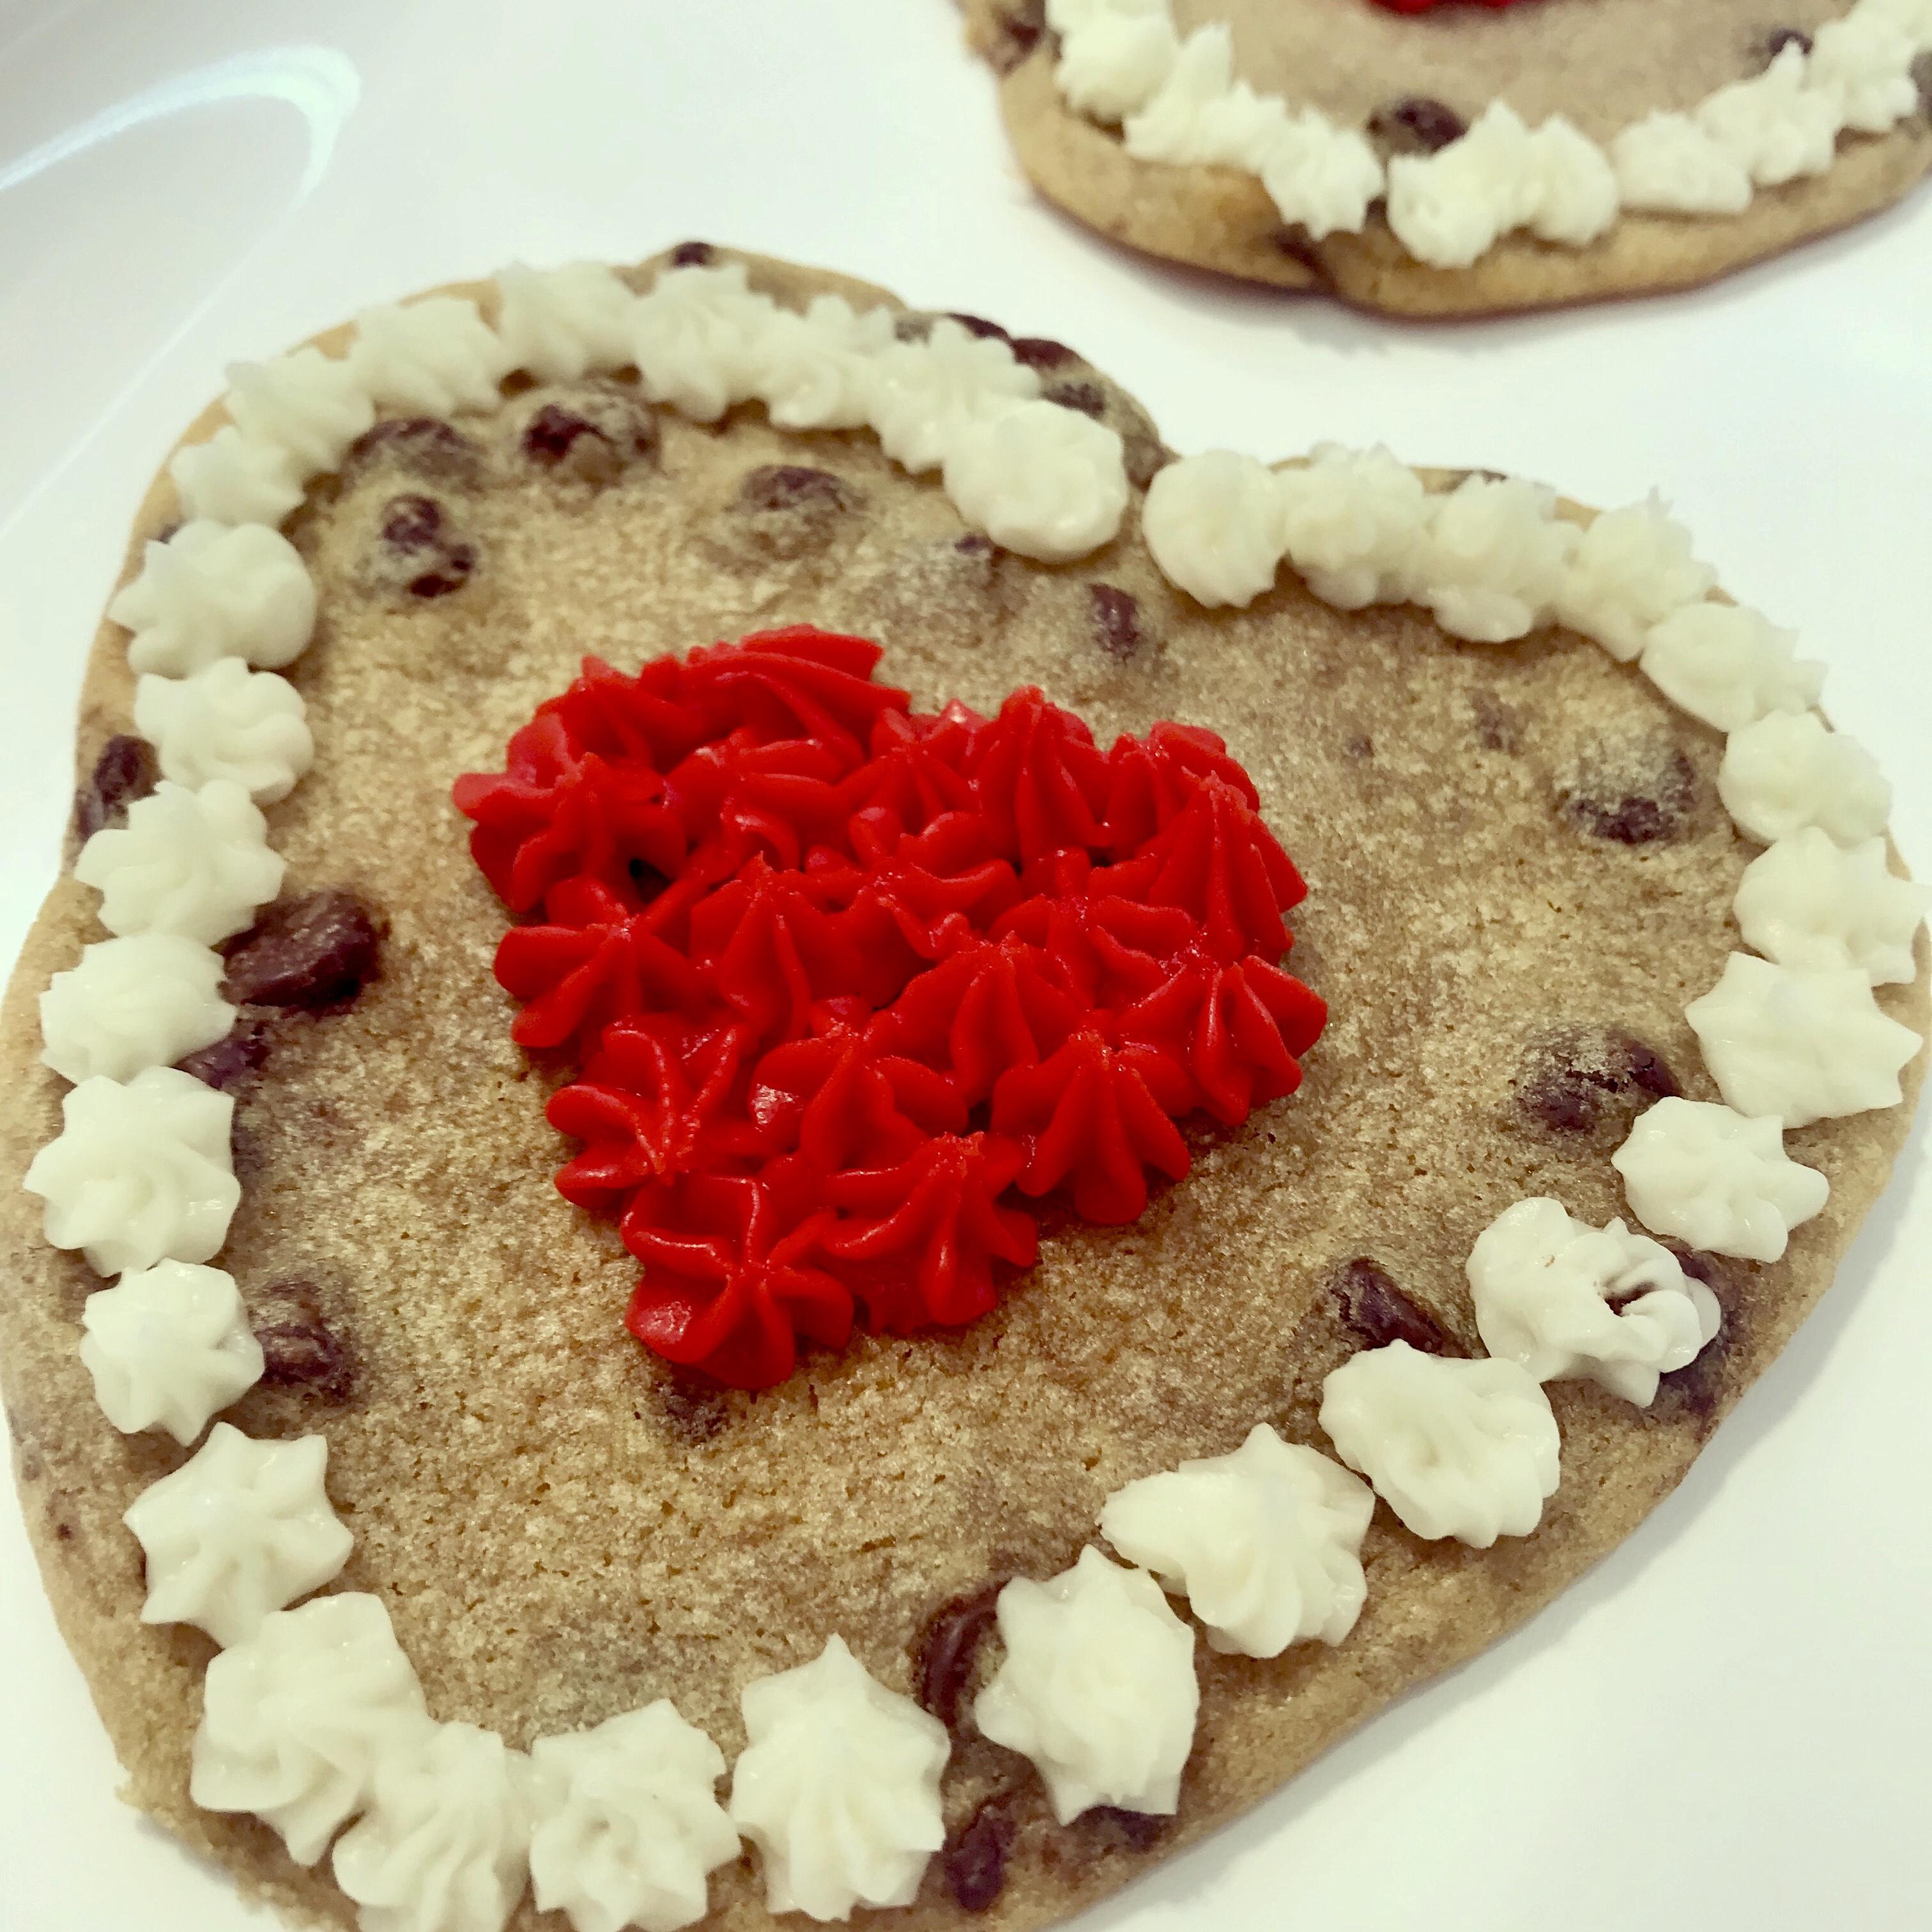 https://0201.nccdn.net/1_2/000/000/0f4/988/valentine-cookie-3024x3024.jpg